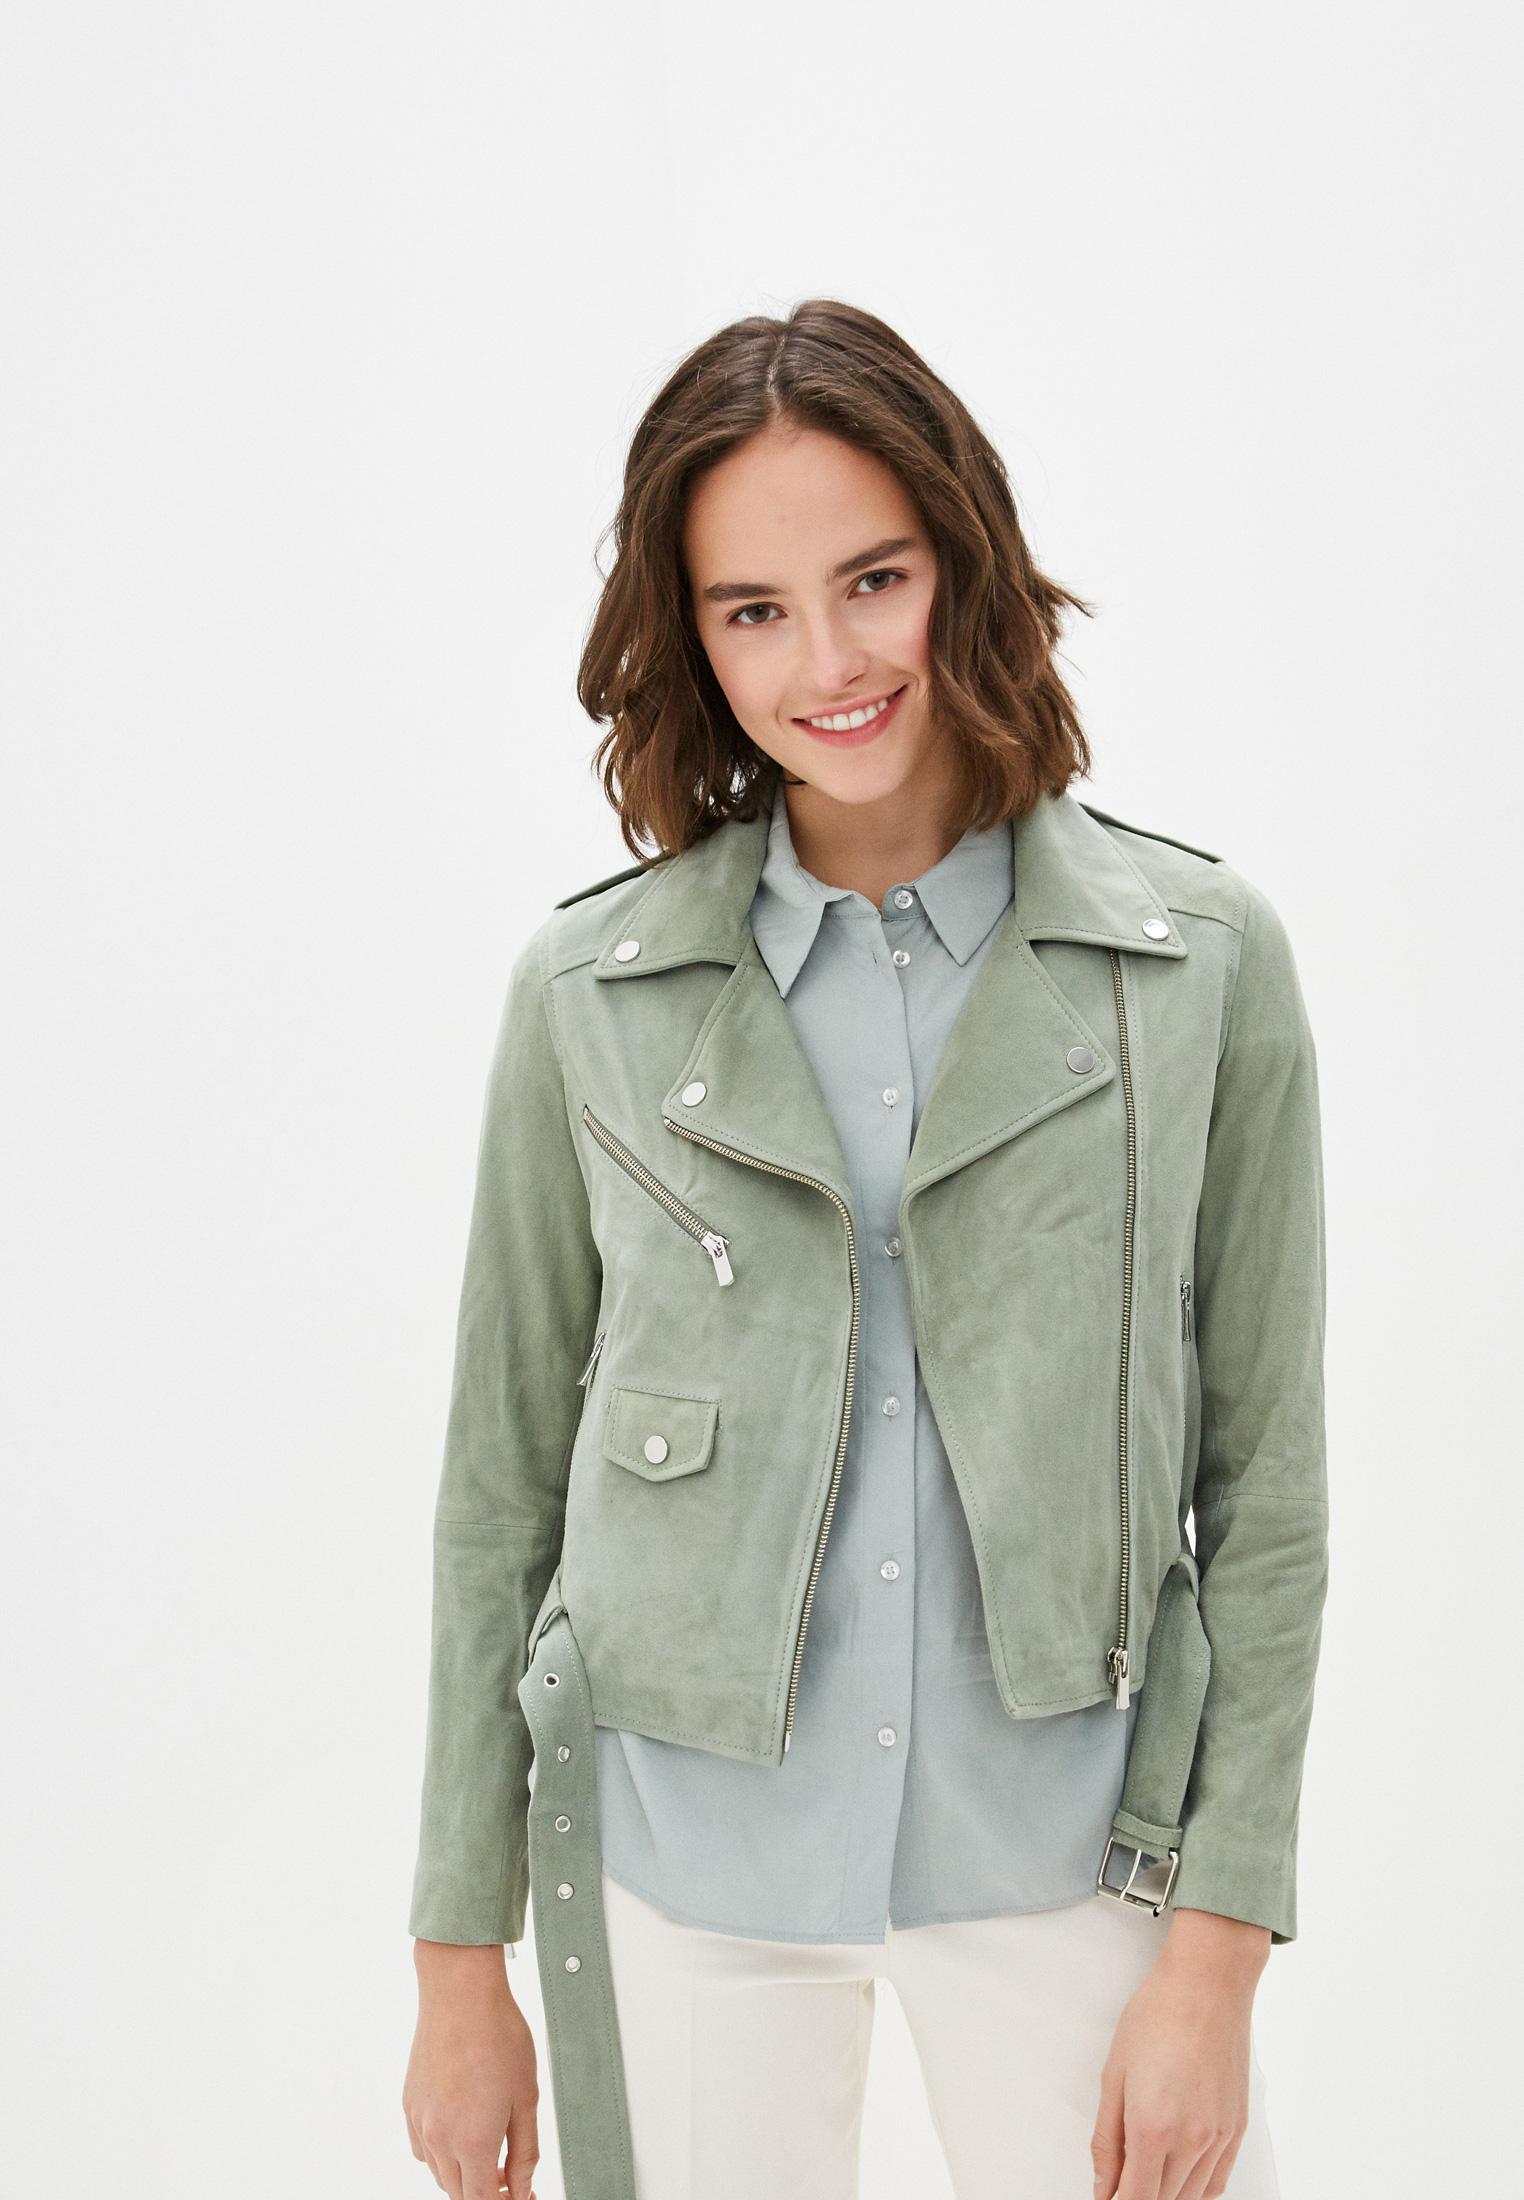 Кожаная куртка Arma 005L201014.02